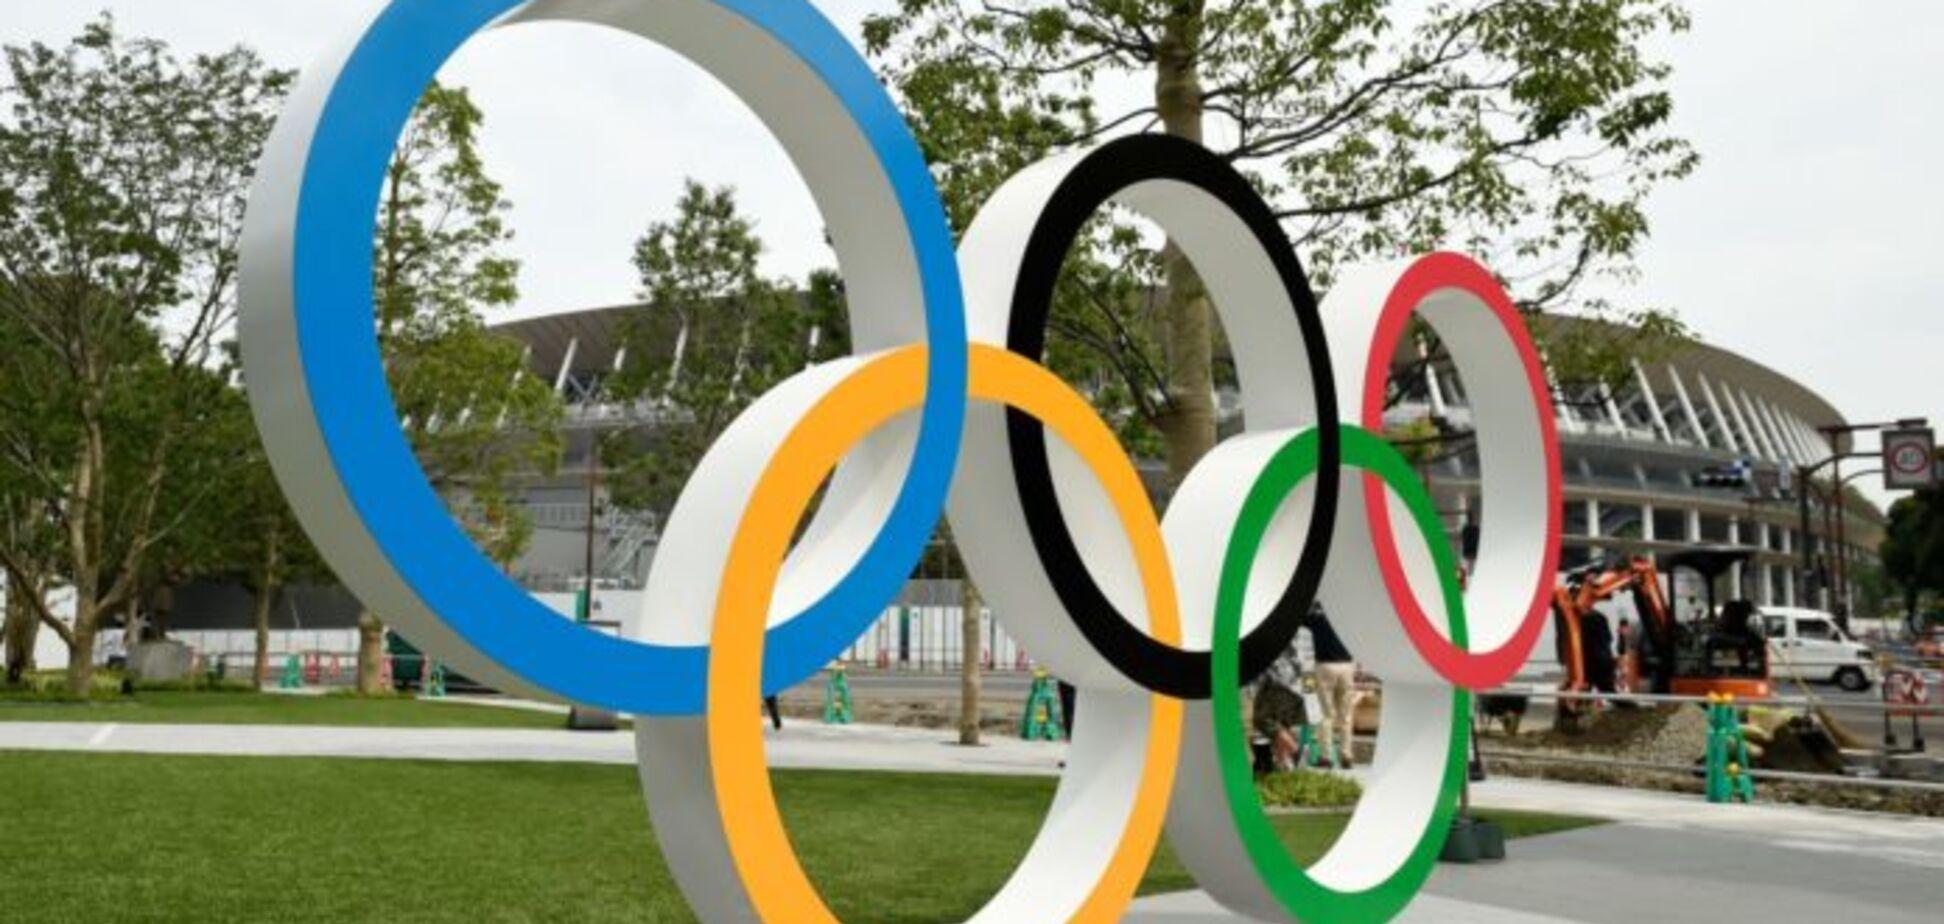 Максимальный риск: в Японии заявили об угрозе отмены Олимпиады из-за коронавируса